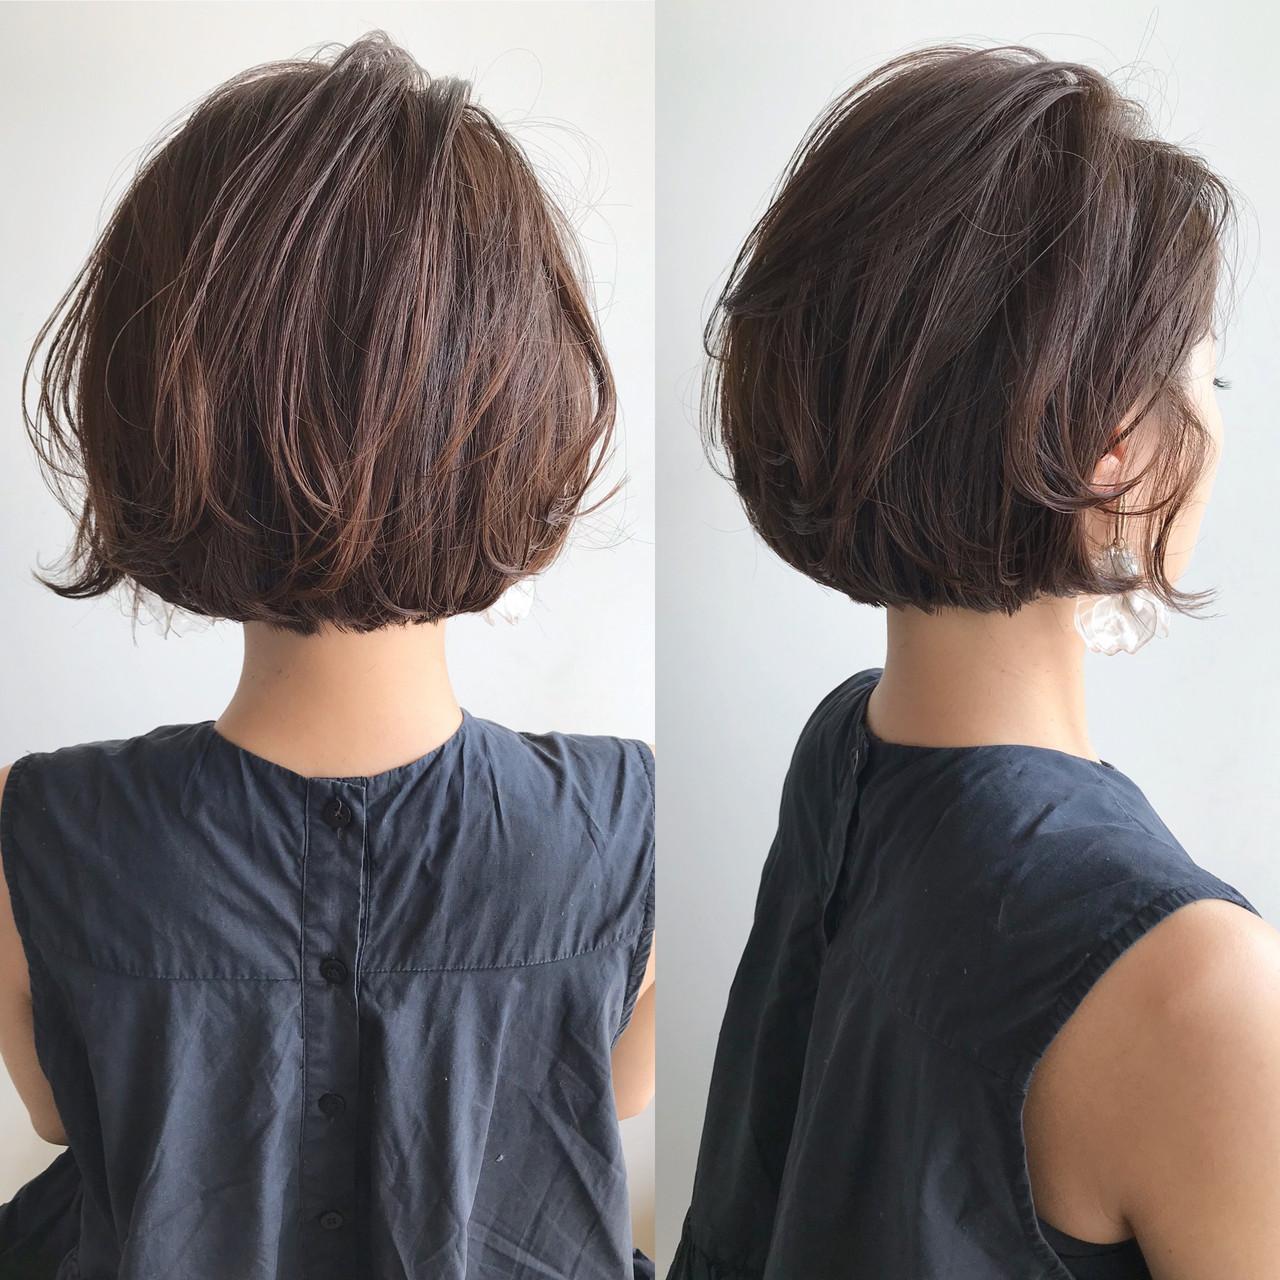 ショートボブ 切りっぱなしボブ ショートヘア フェミニン ヘアスタイルや髪型の写真・画像 | 魚住理恵子 / ヘアデザインサロンCiel